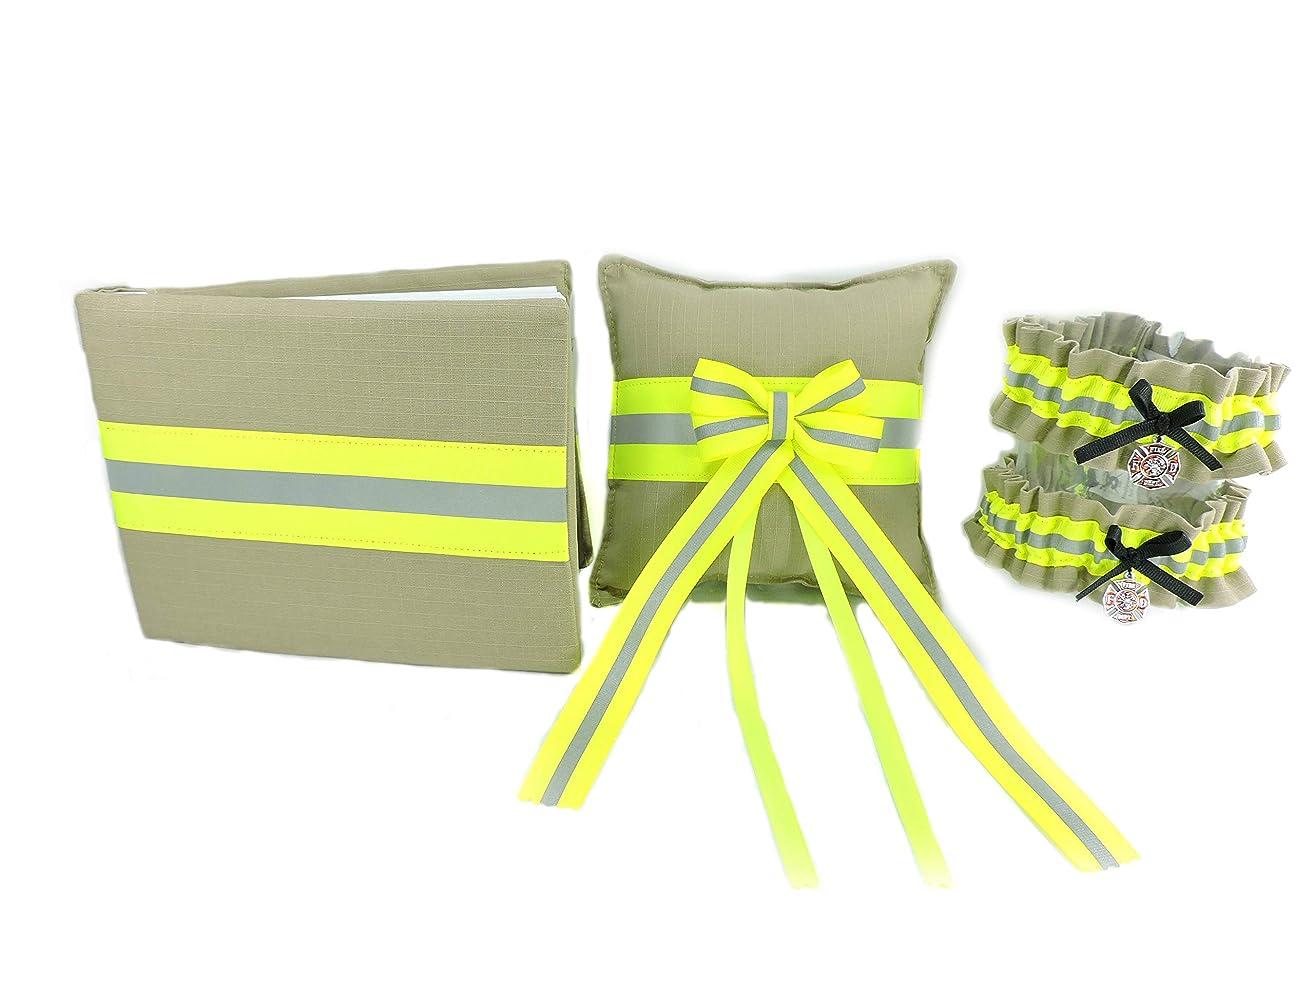 Firefighter Wedding Set, Two Garters, Guestbook, Ring Bearer Pillow, Tan Bunker Gear Look